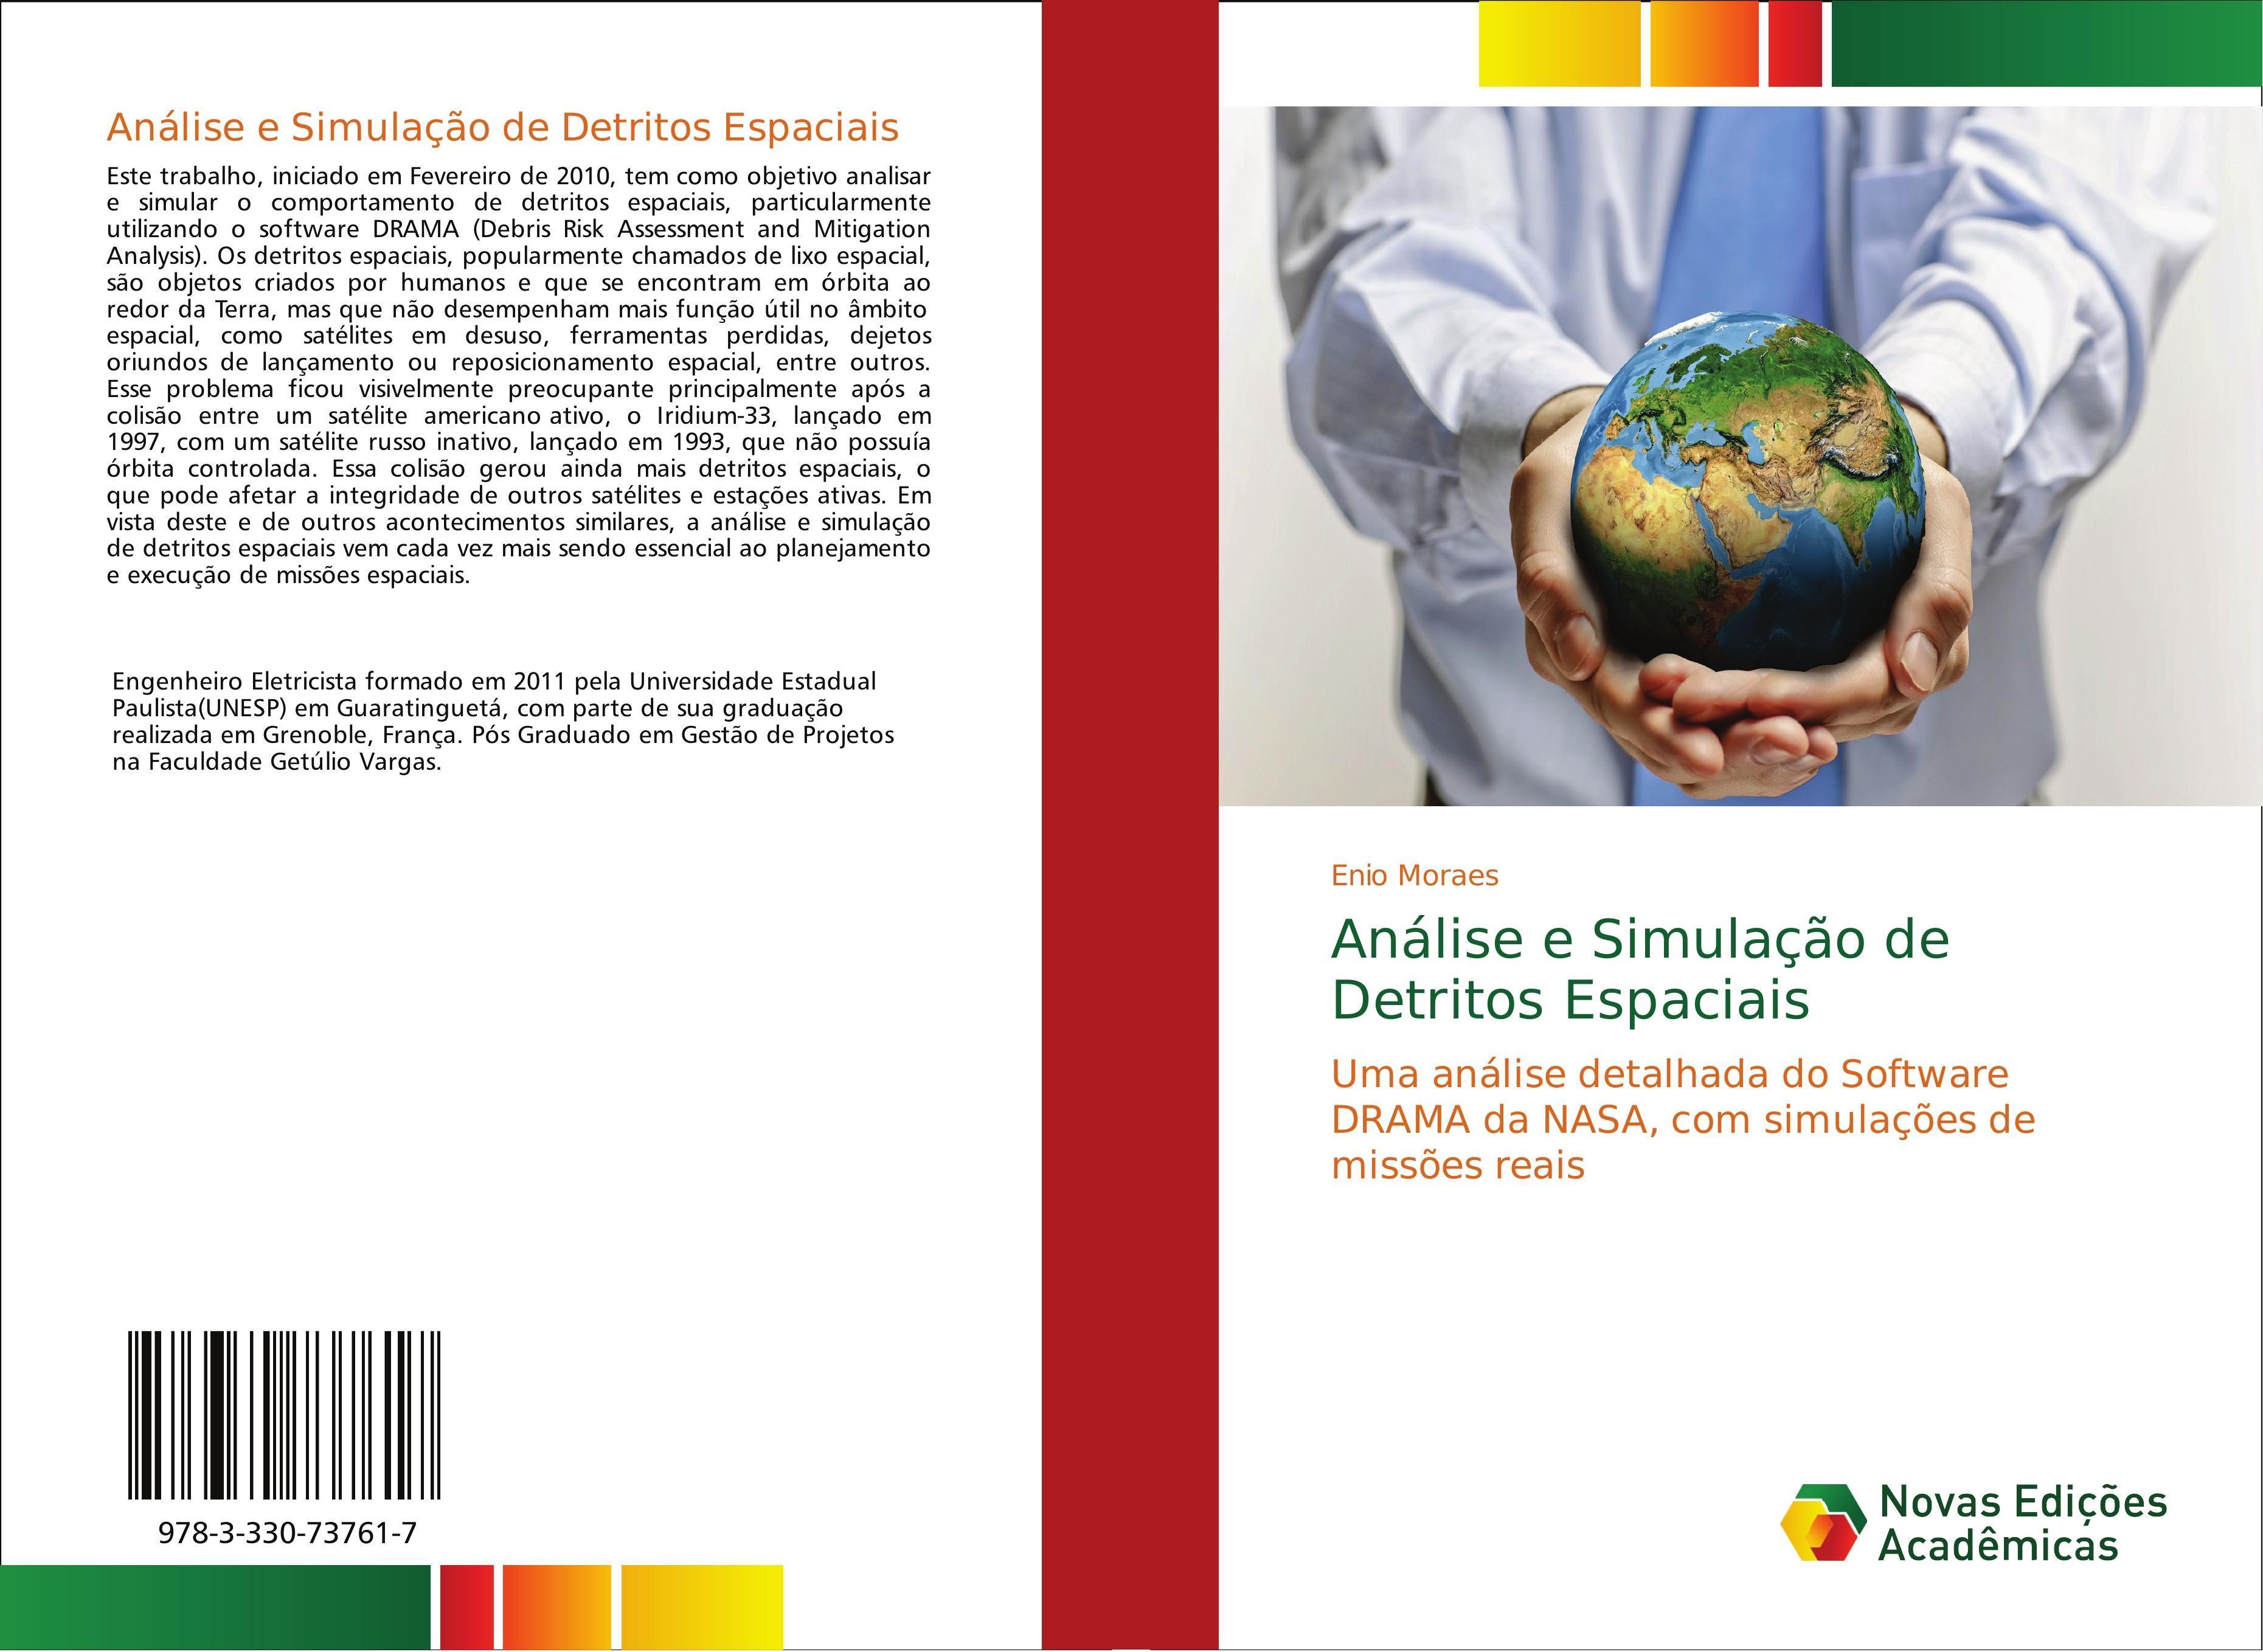 Enio Moraes / Análise e Simulação de Detritos Espaciais9783330737617